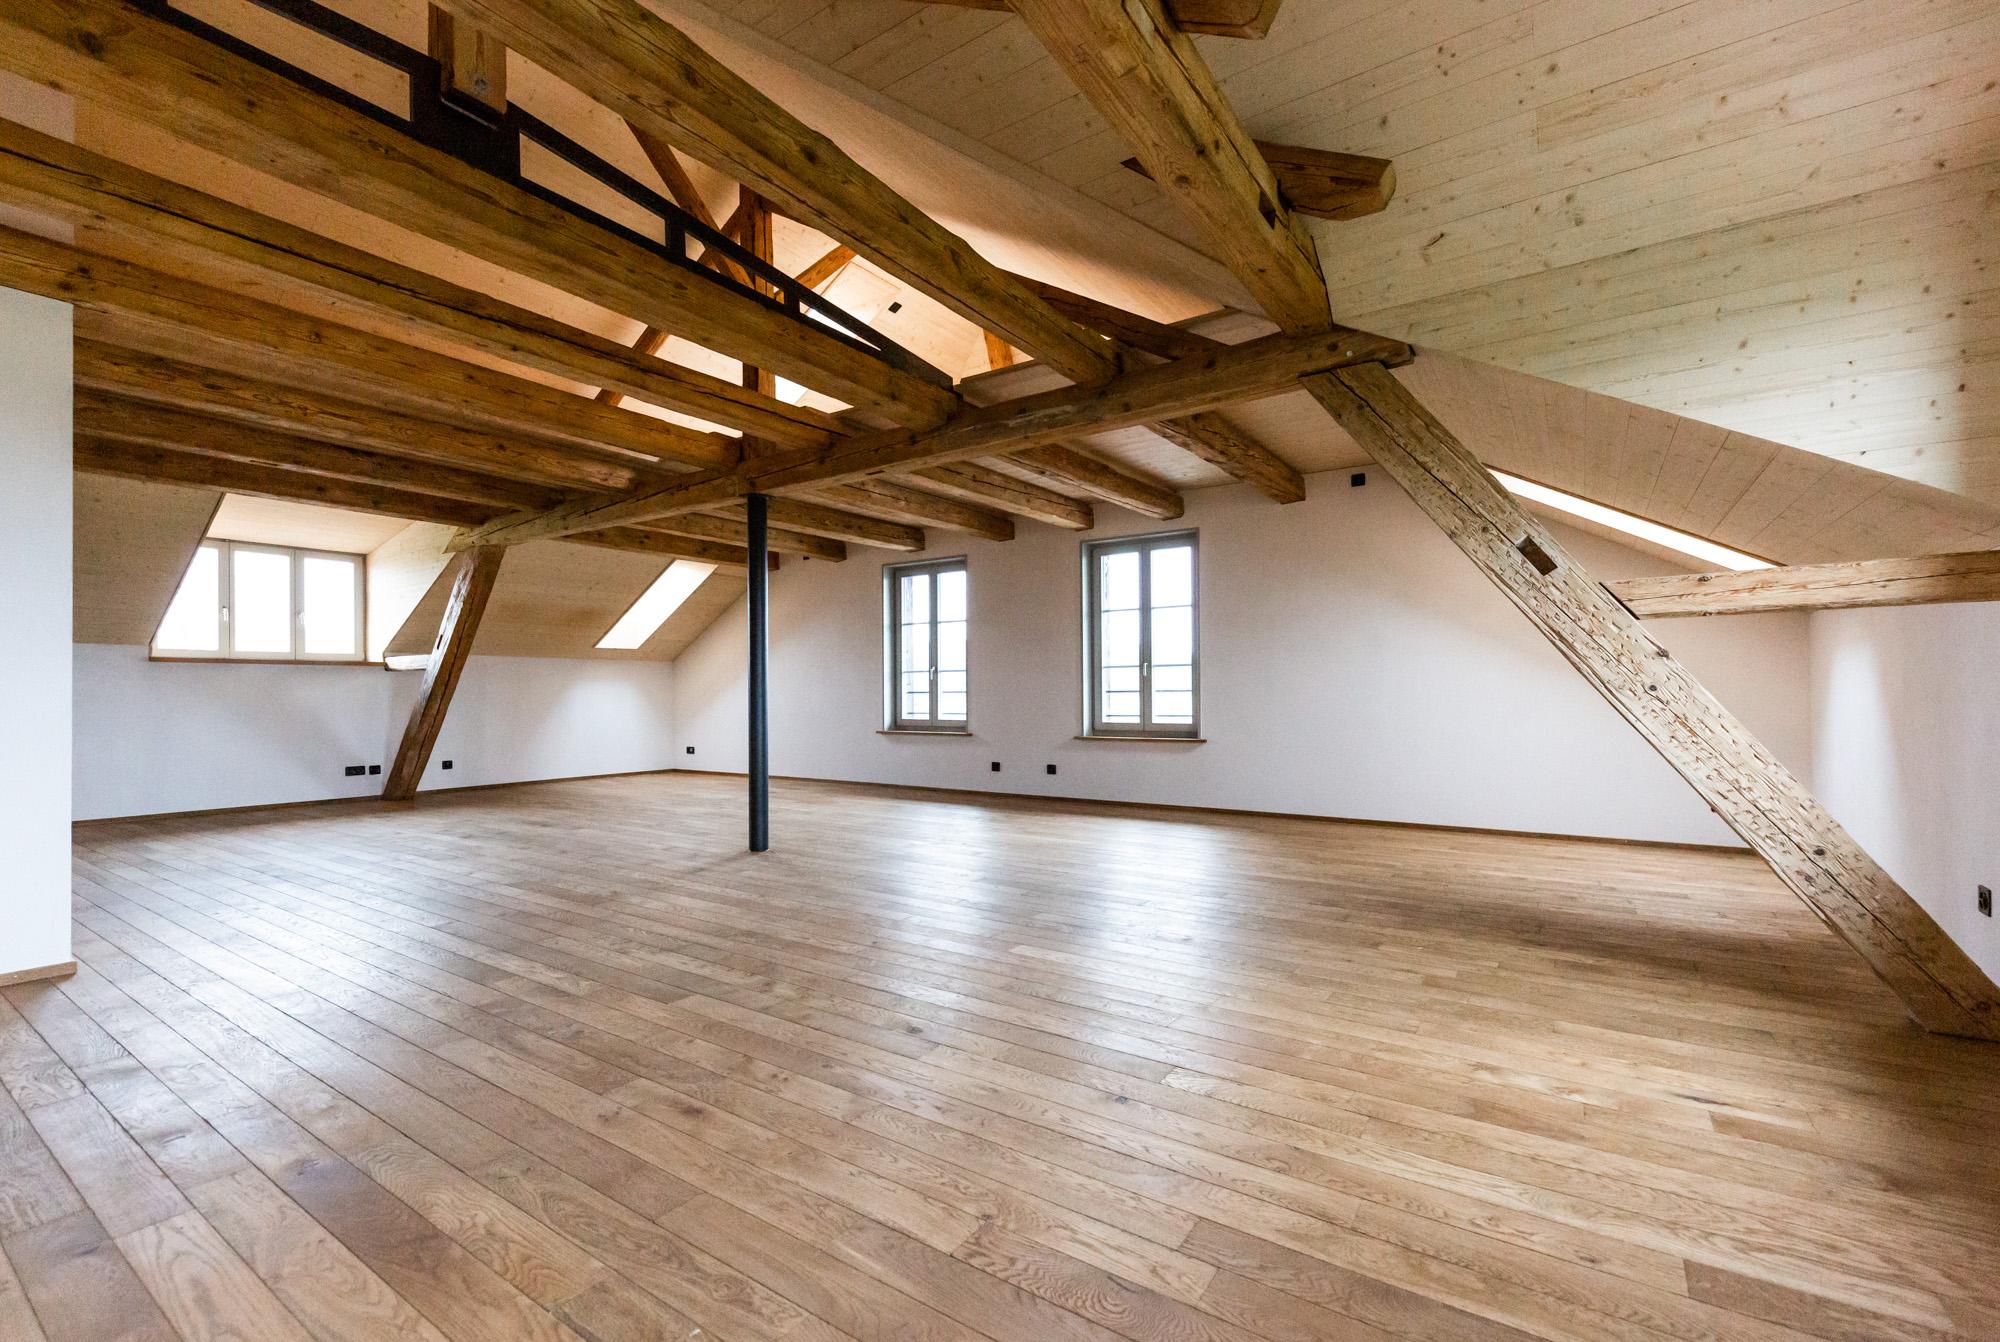 In Riedbach in Bern konnte die MerzGips AG Gipserarbeiten bei der Restauration eines ehemaligen Gasthofes Gipserarbeiten im Innenbereich ausführen.